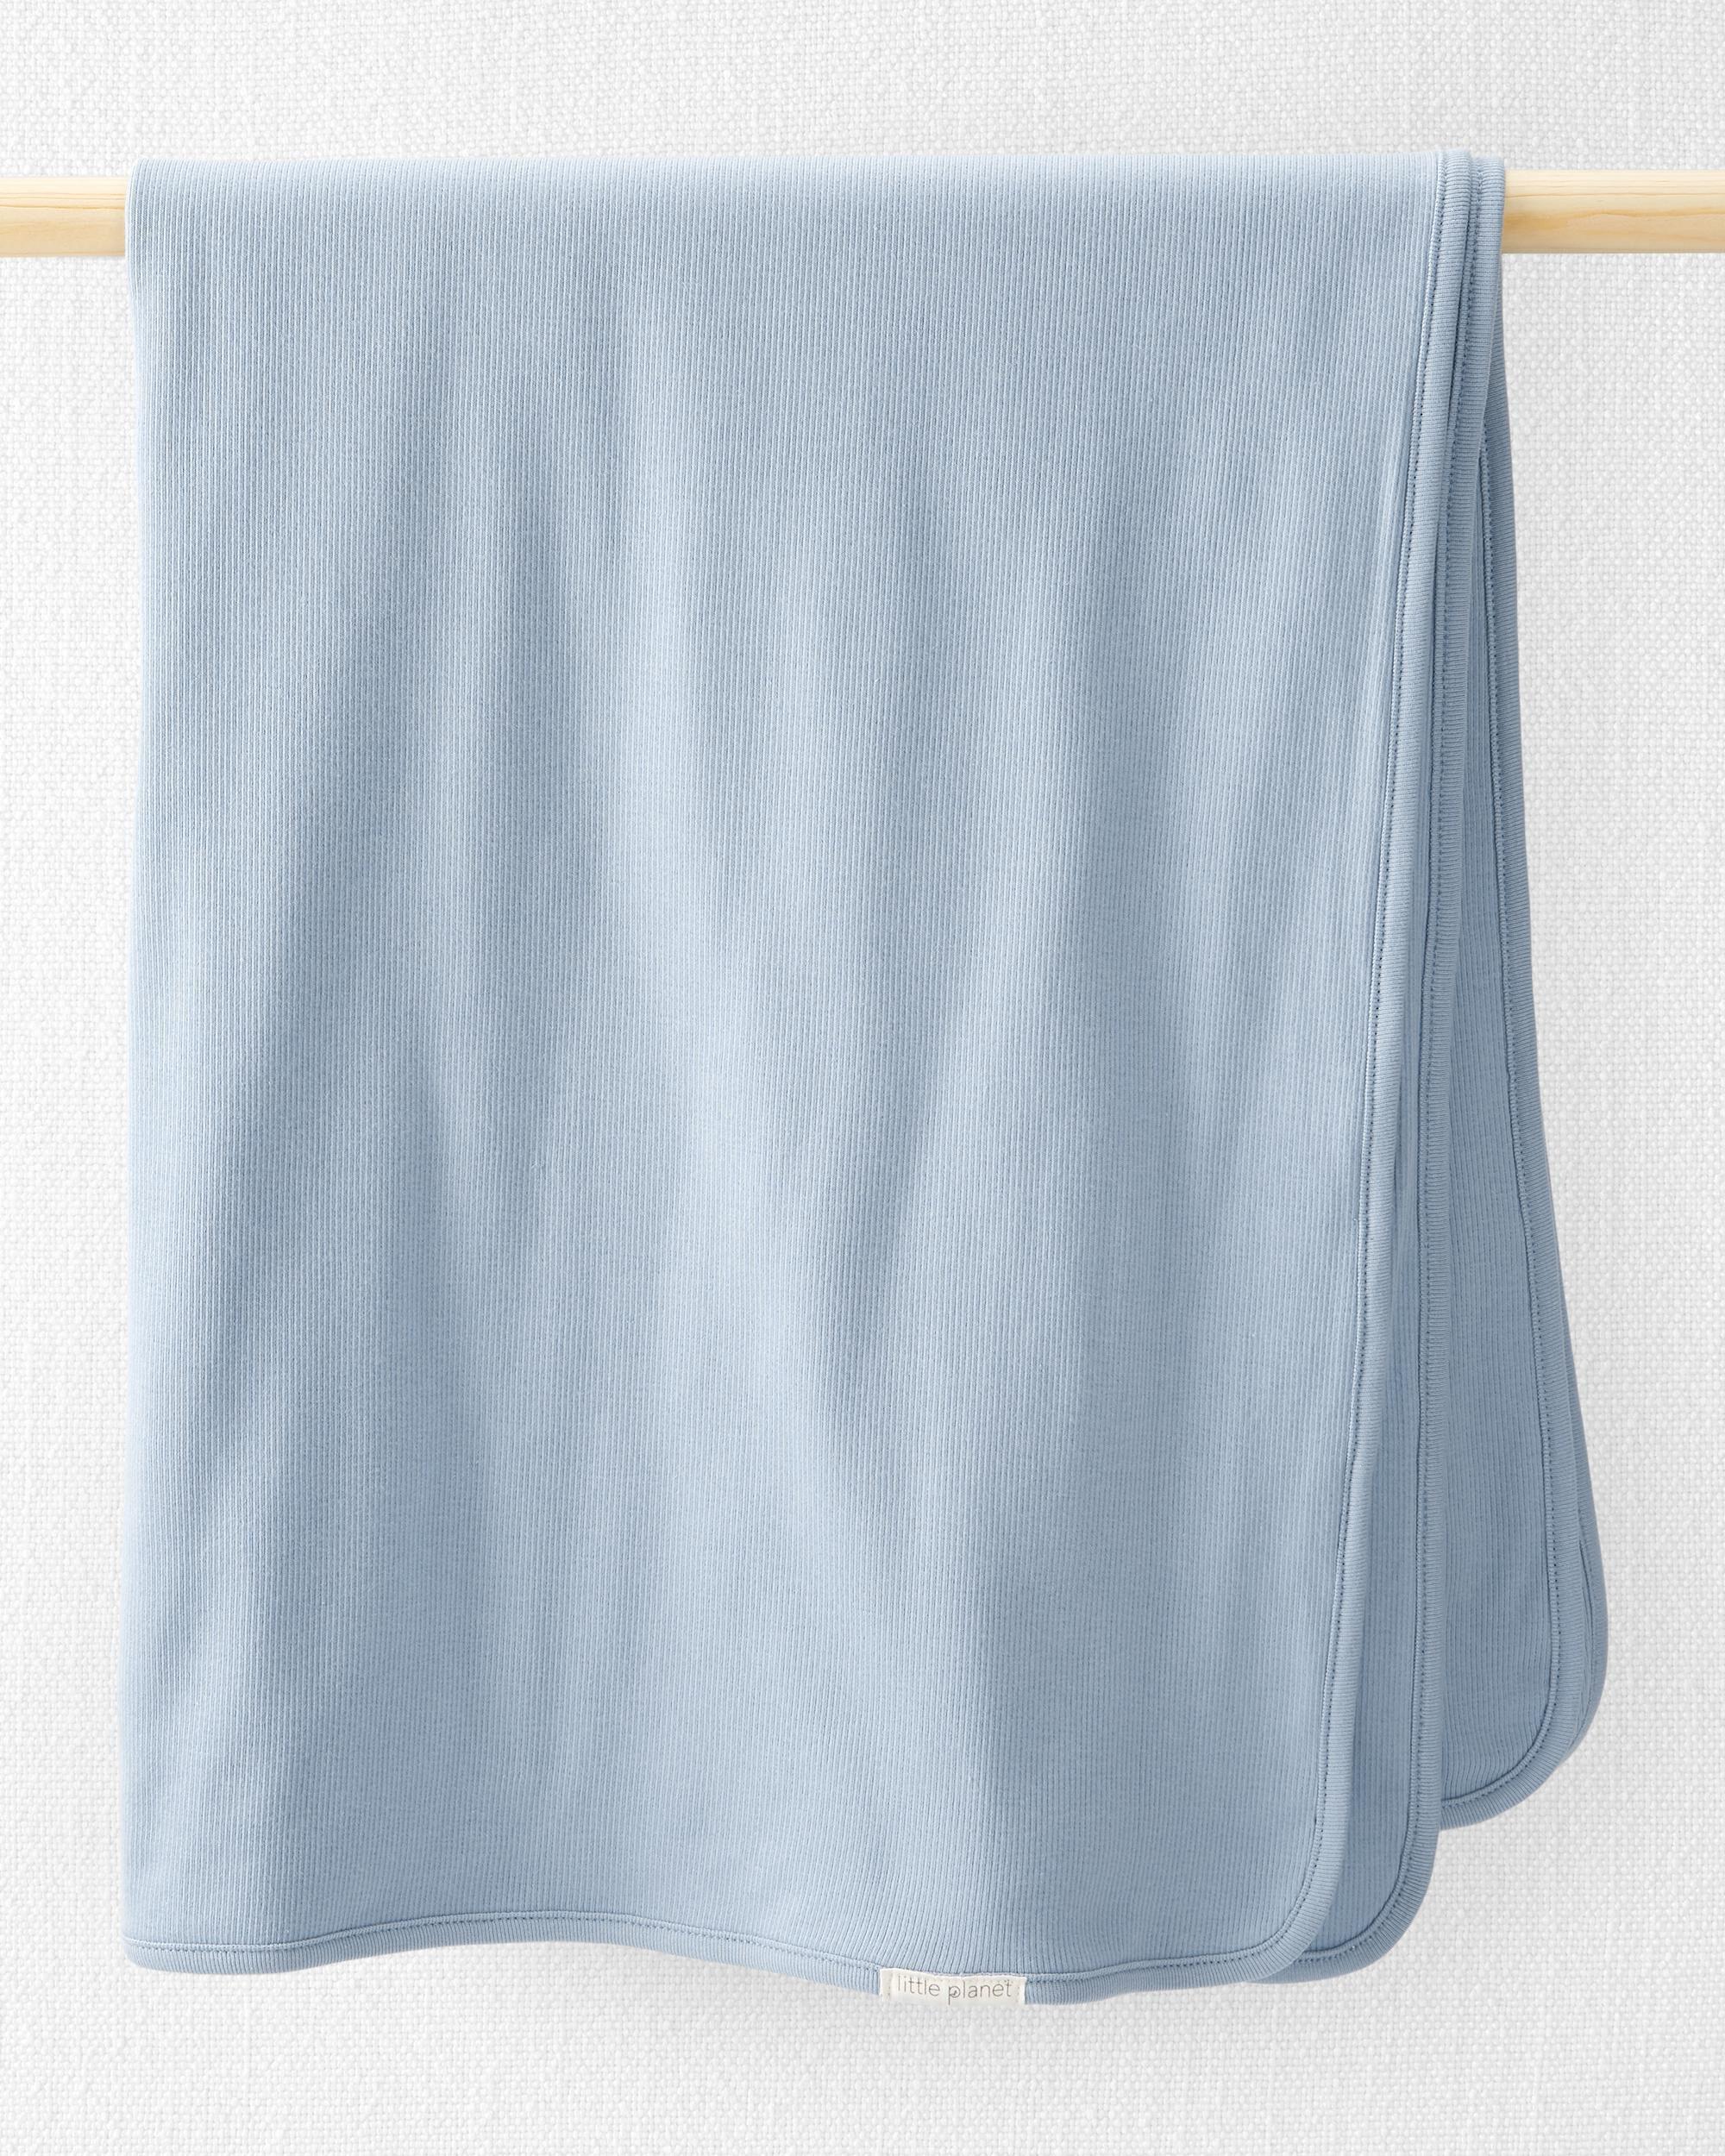 Oshkoshbgosh Organic Cotton Rib Blanket